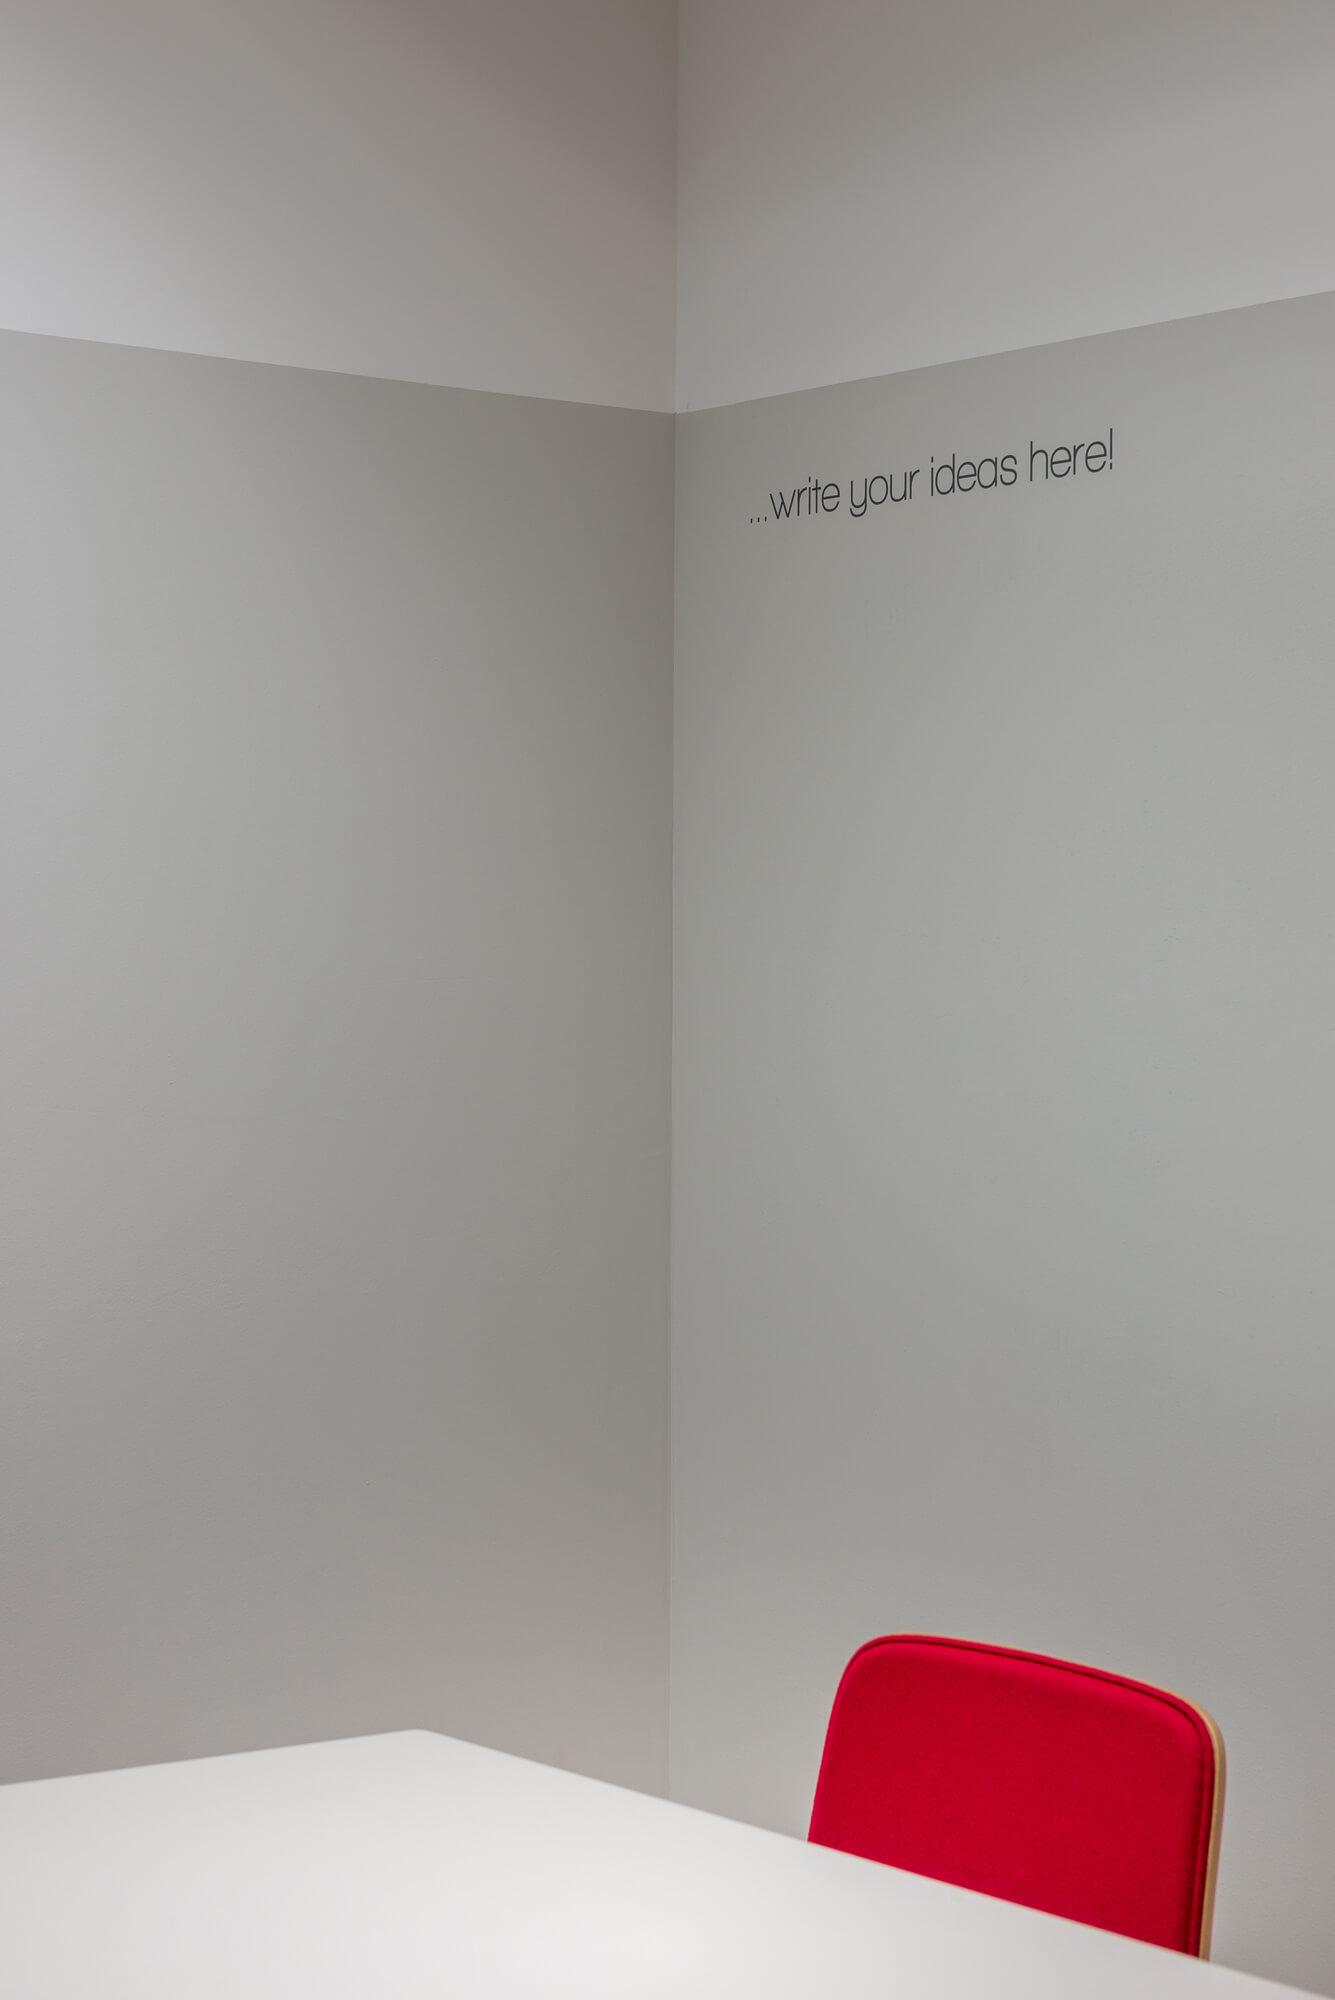 Aura Consulting Project: Simpson Carpenter - 013